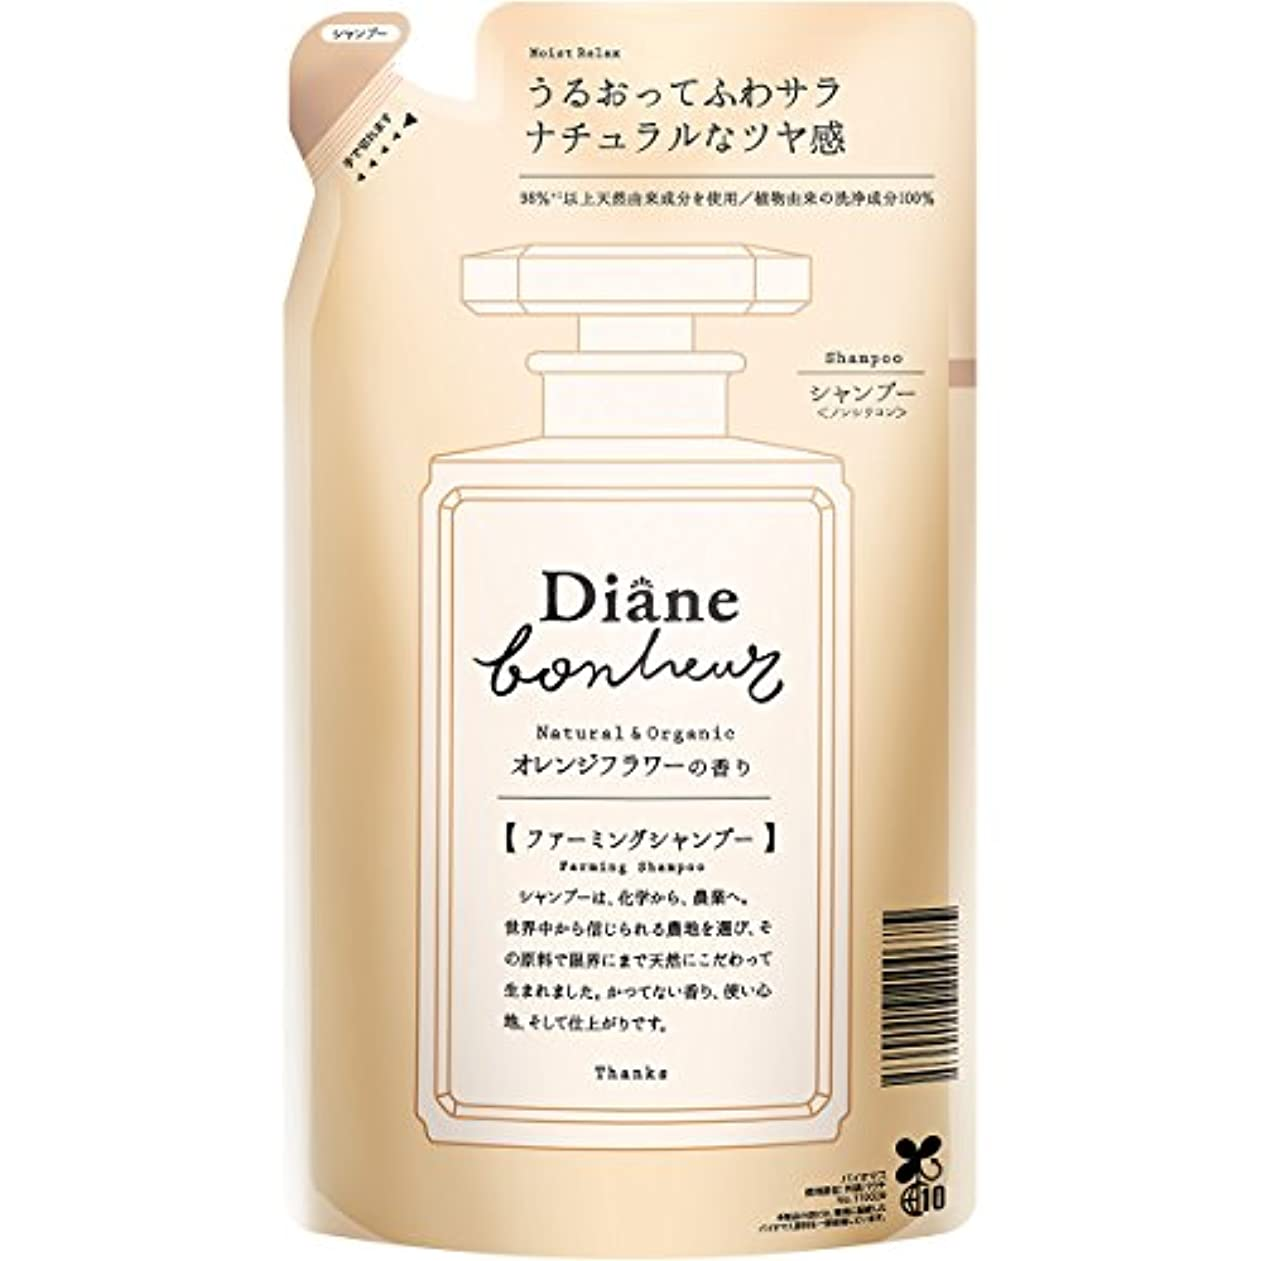 テレマコス討論写真ダイアン ボヌール オレンジフラワーの香り モイストリラックス シャンプー 詰め替え 400ml